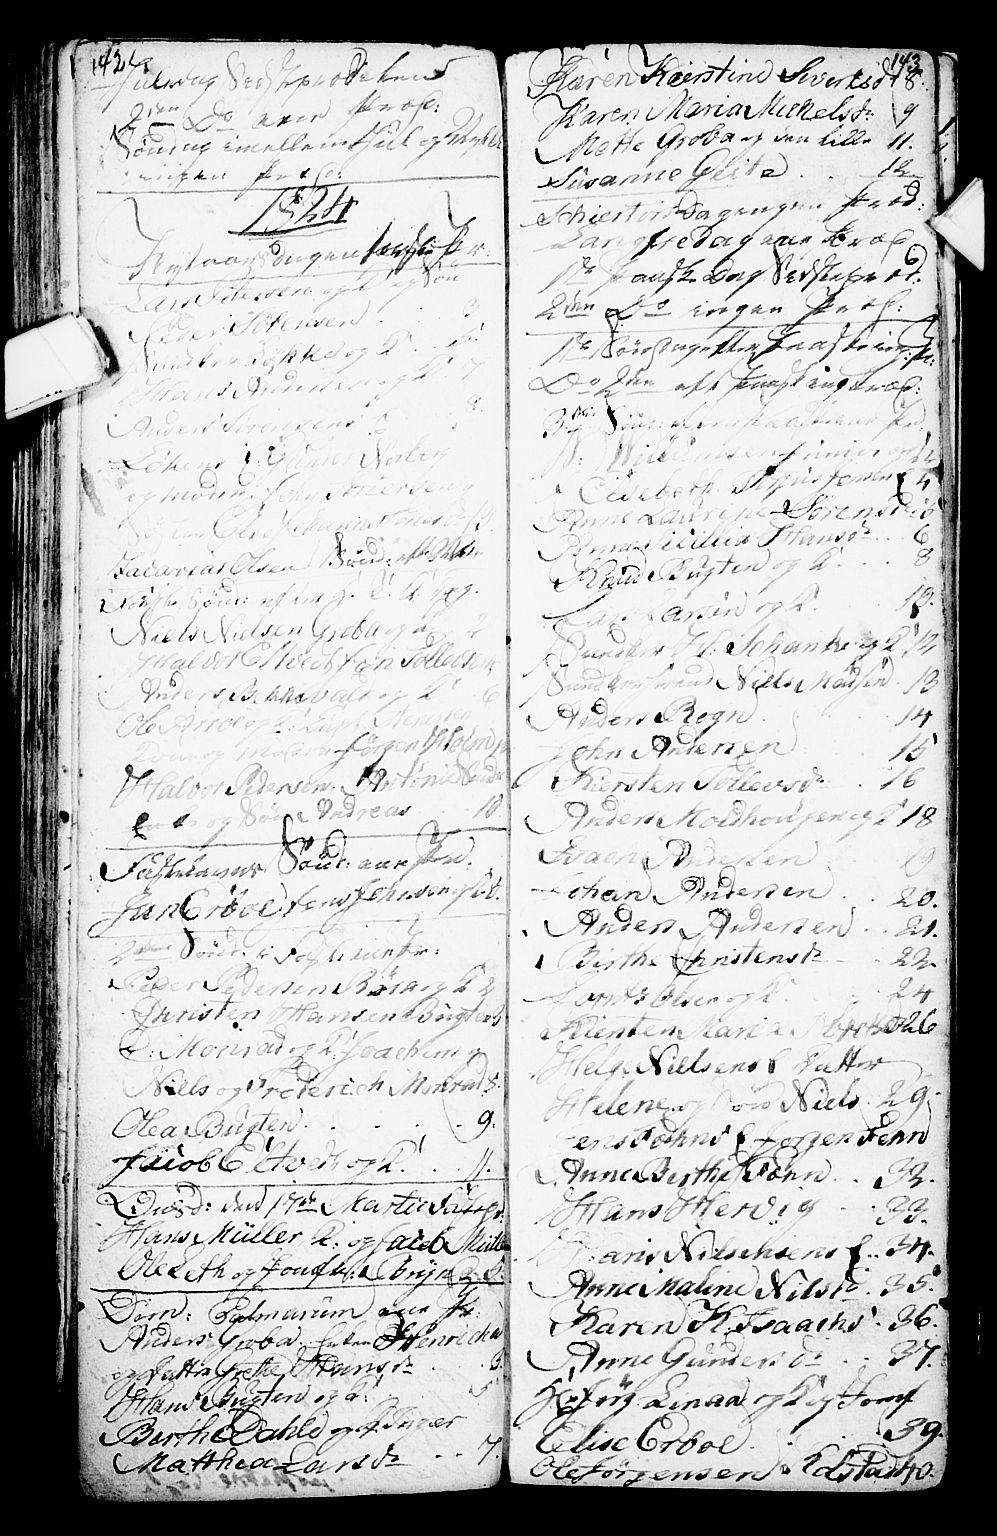 SAKO, Porsgrunn kirkebøker , G/Ga/L0001: Klokkerbok nr. I 1, 1766-1790, s. 142-143